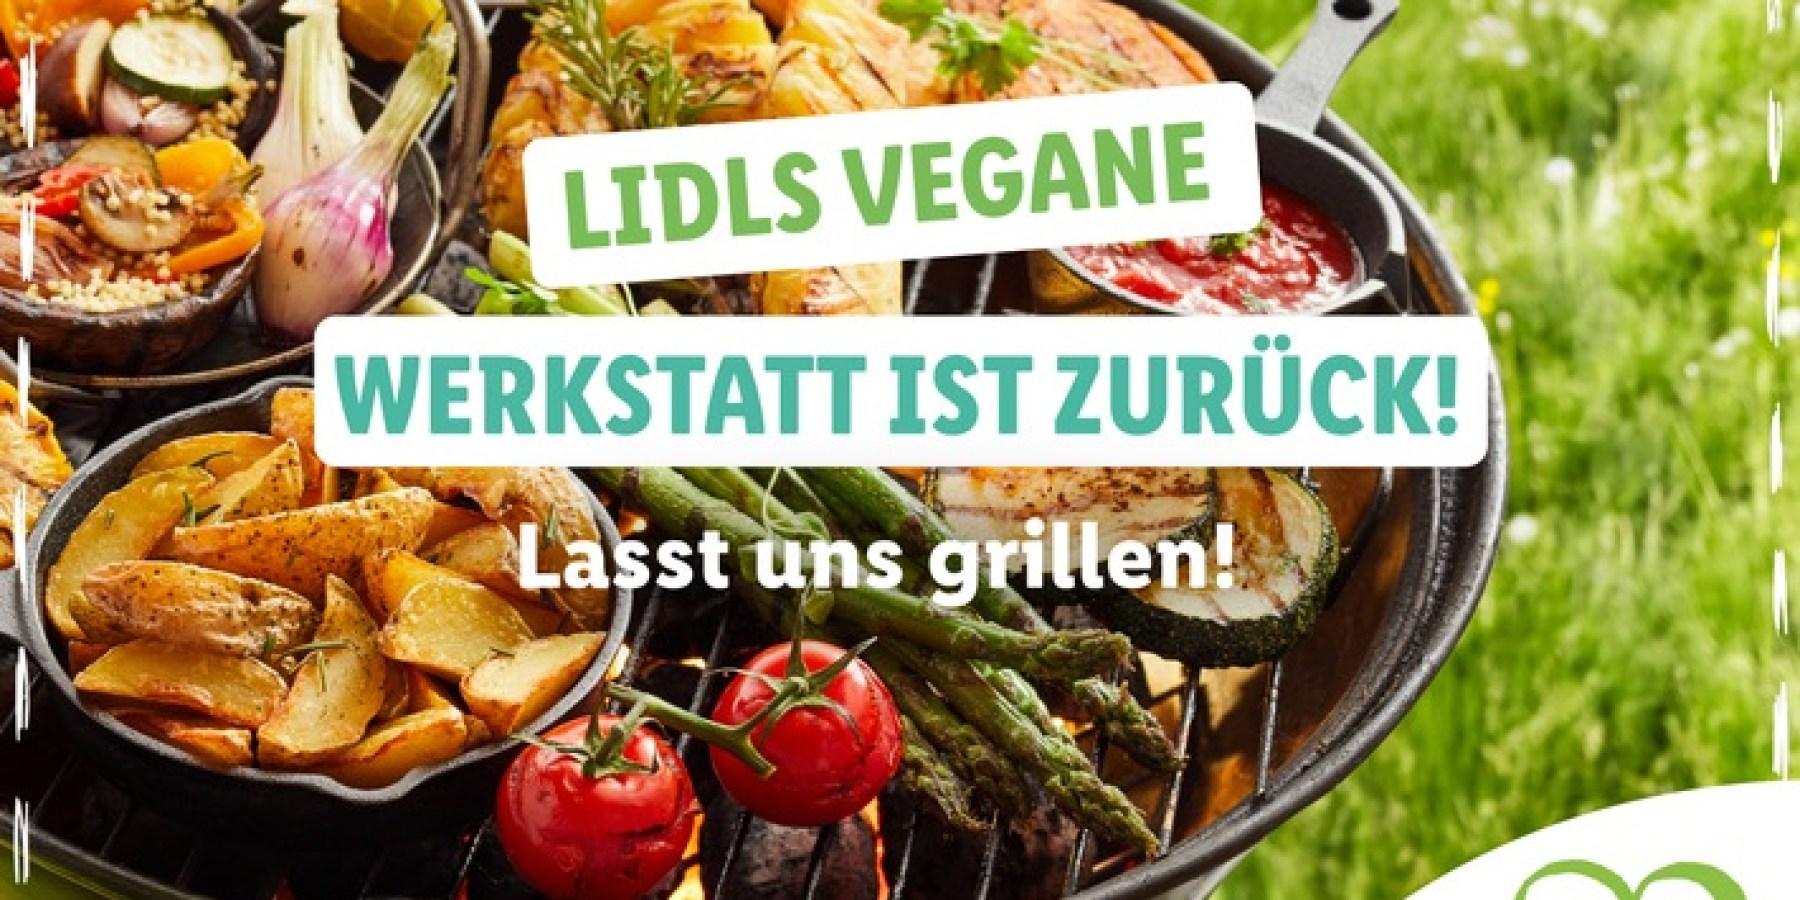 """""""Lidls vegane Grillwerkstatt"""": Lidl ruft Community auf, kreative Vorschläge für veganes Grillen einzureichen"""